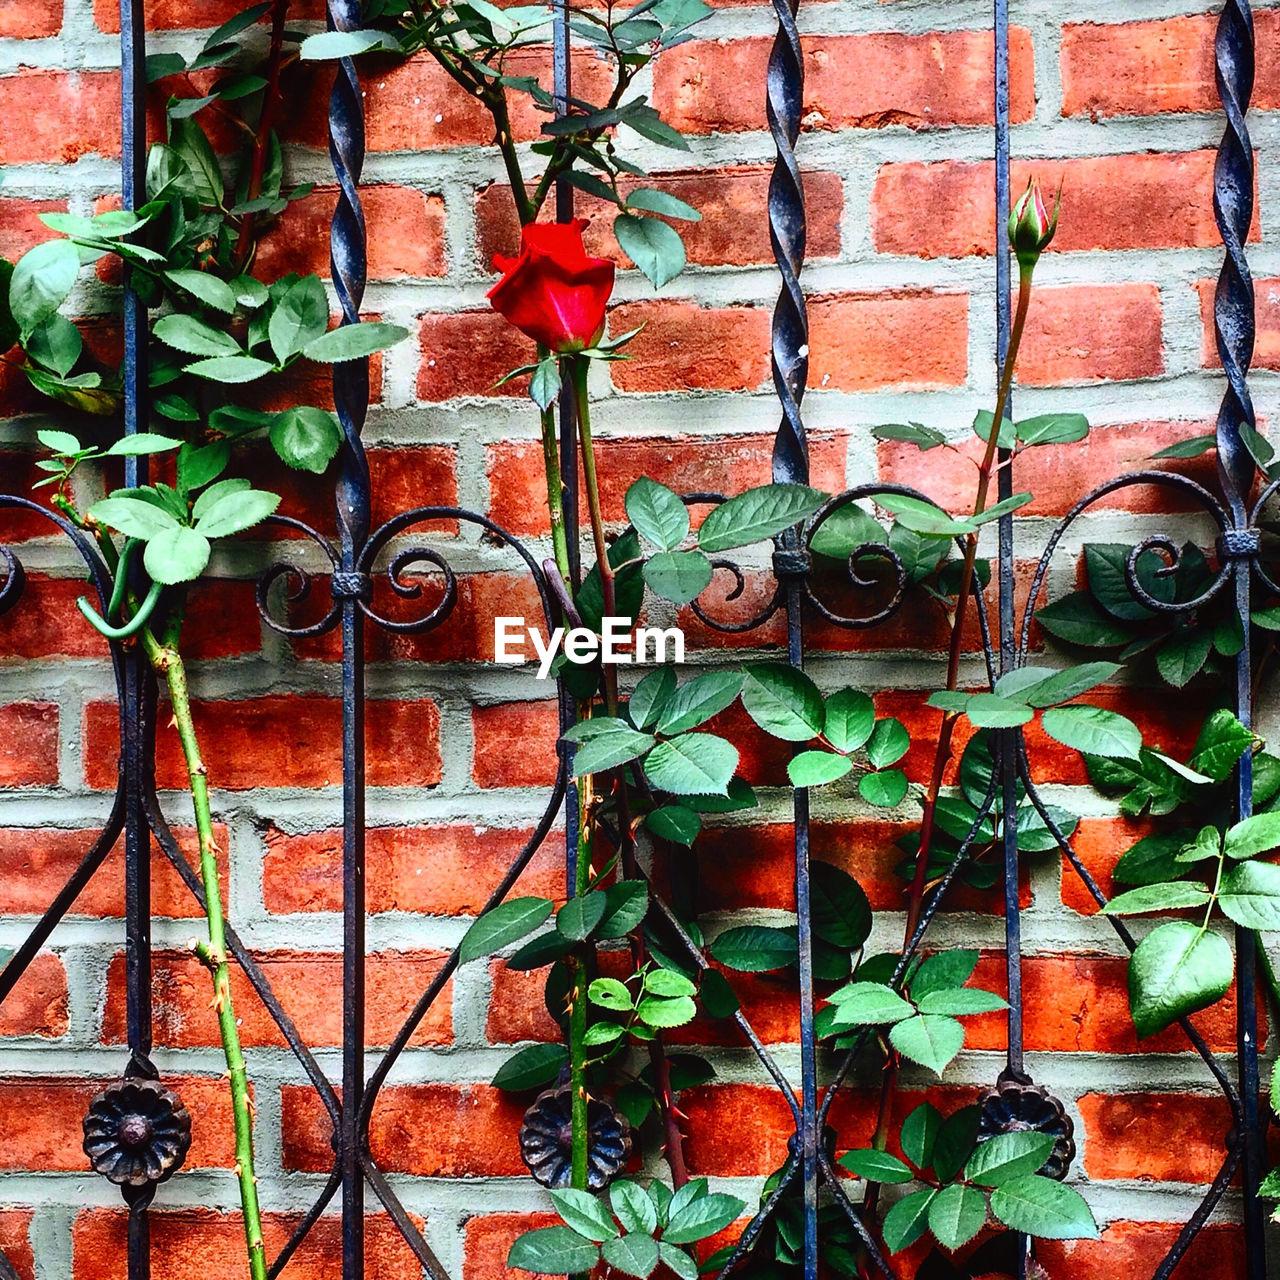 Rose blooming on metal grate against brick wall